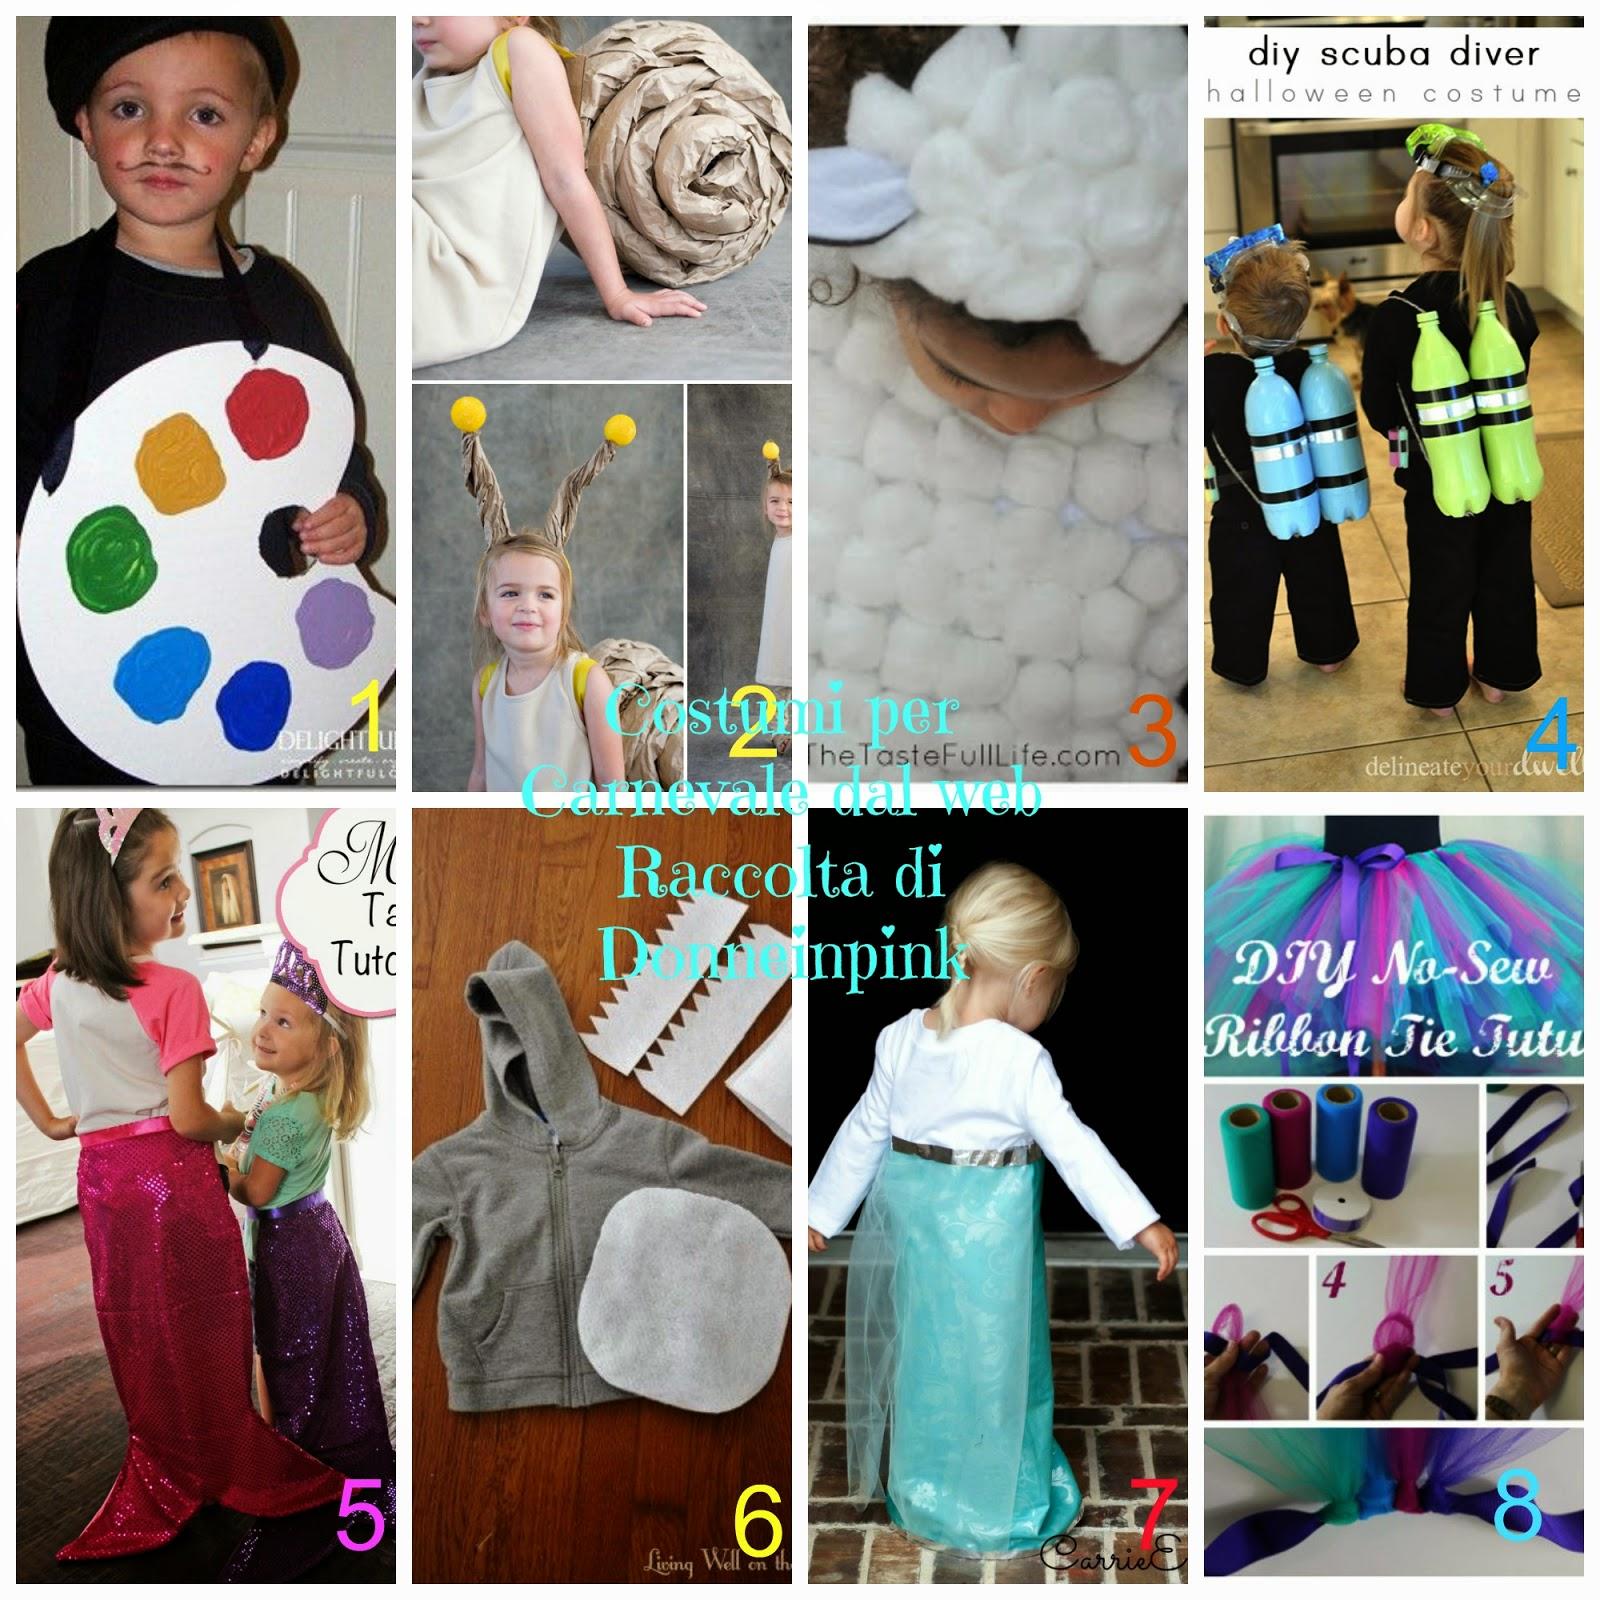 low priced a51bf dc8e2 8 Costumi di Carnevale fai da te - Tutorial semplici e ...